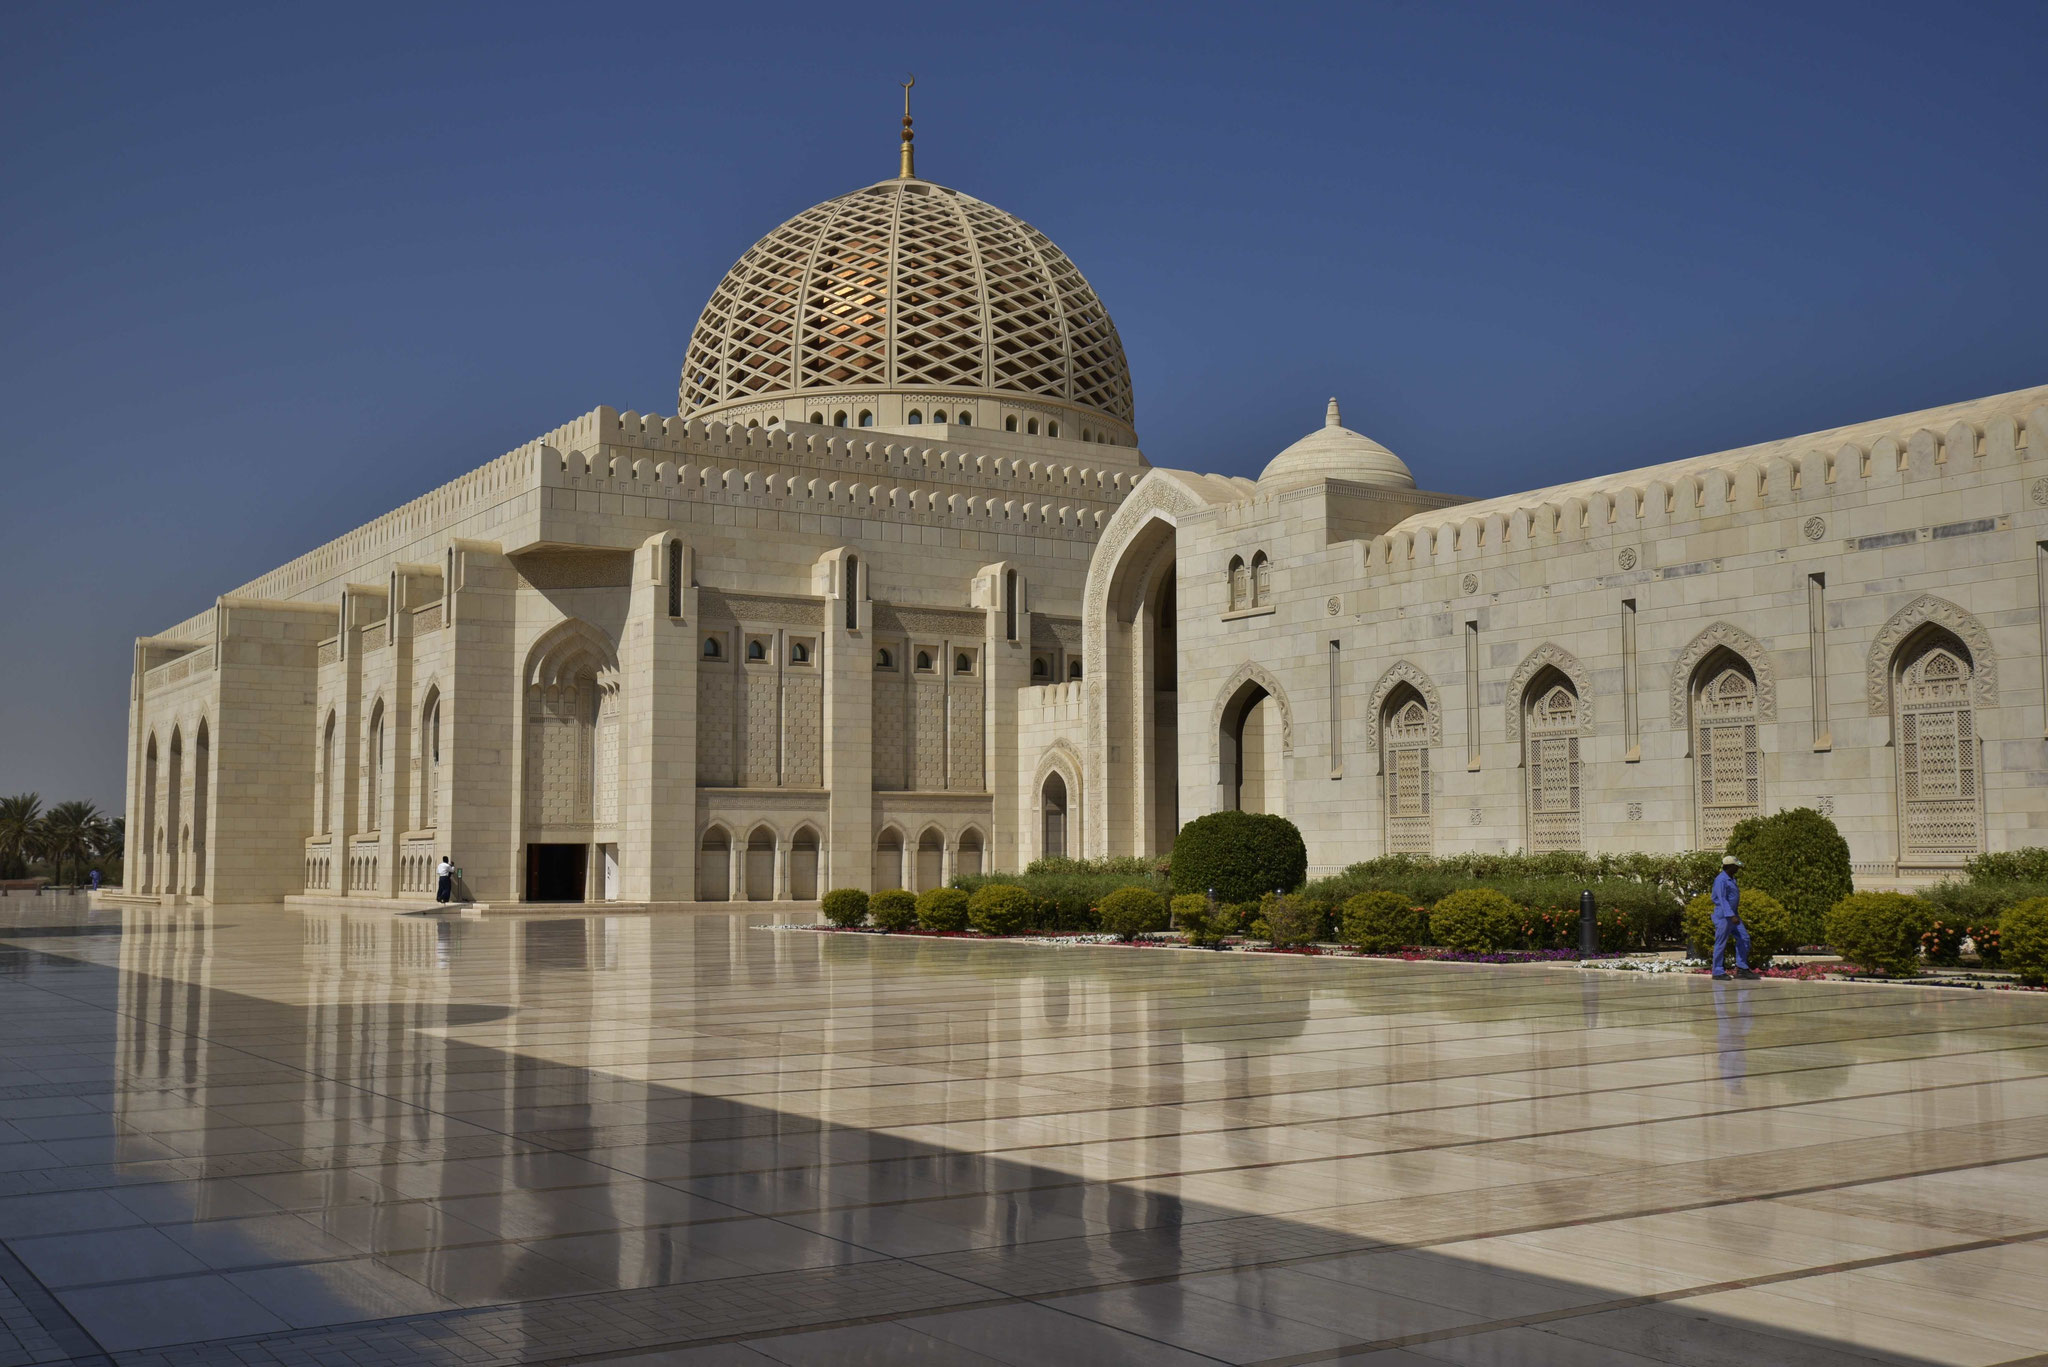 Blick auf die Moschee mit der goldenen Kuppel